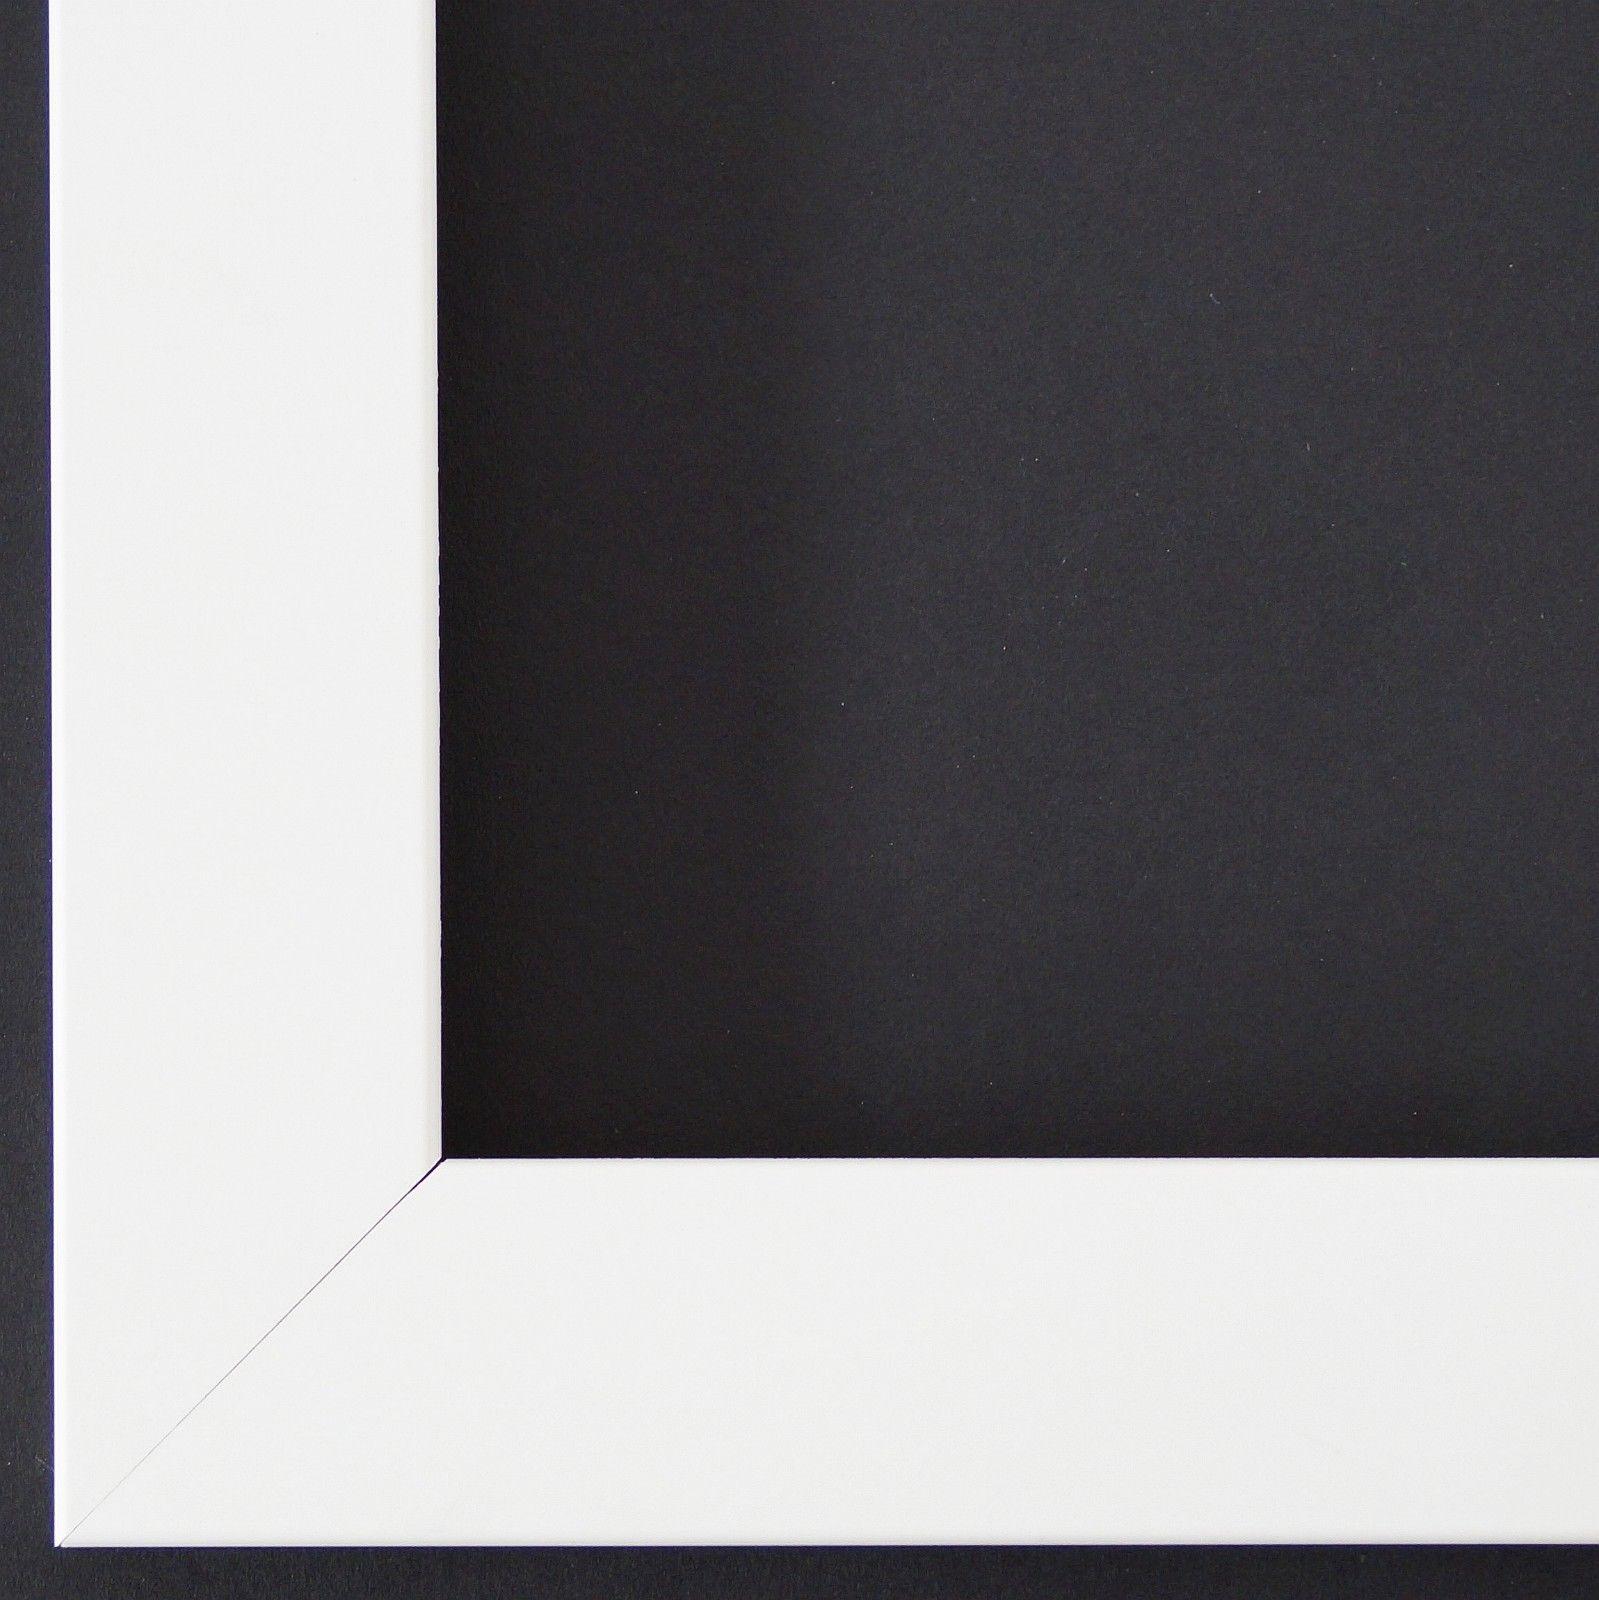 Bilderrahmen matt Weiß- 9x13 10x10 10x15 13x18 15x20 18x24 20x20 ...